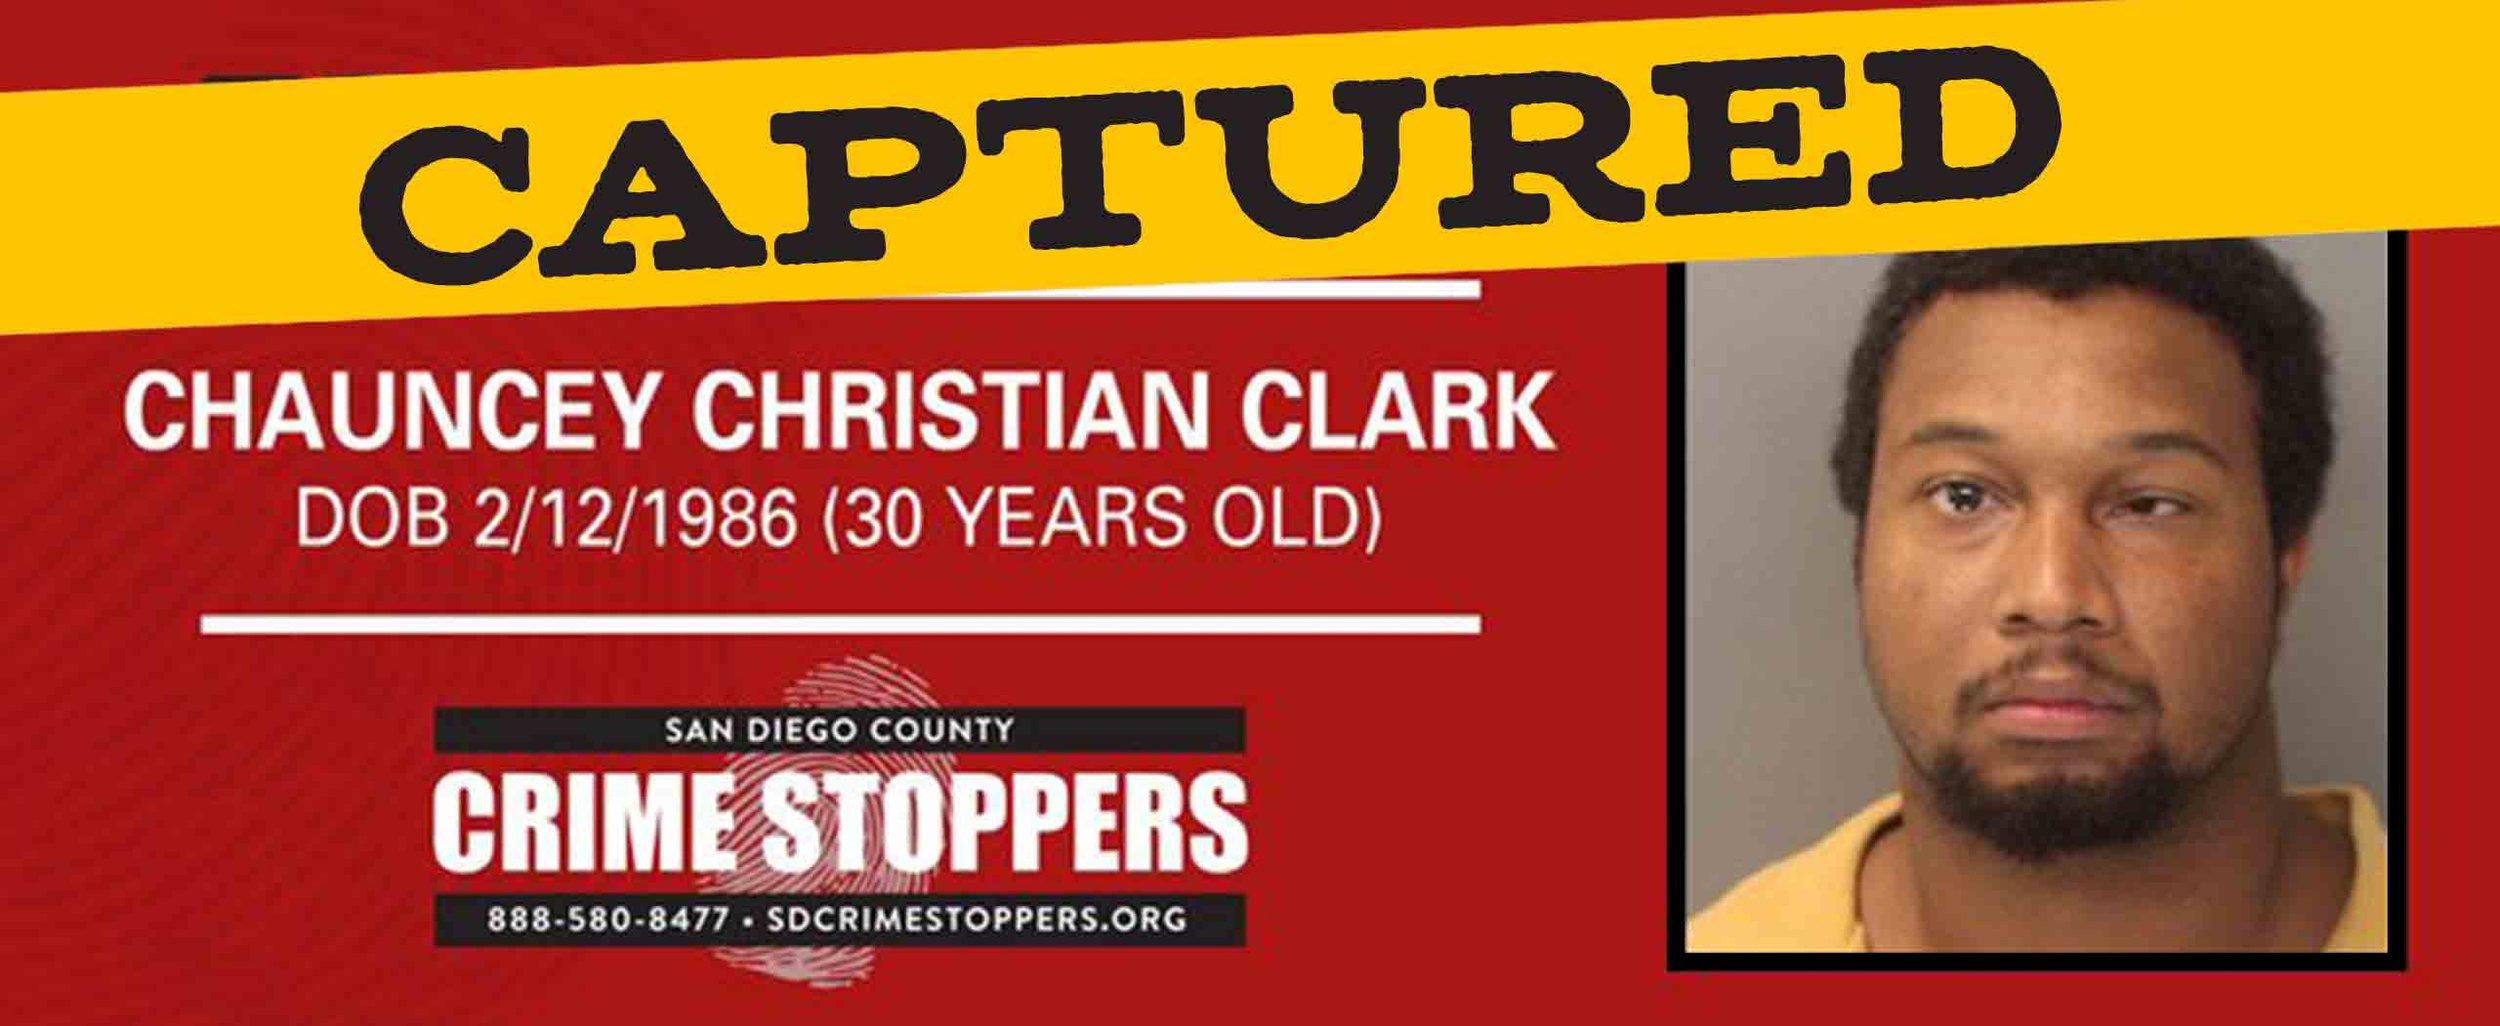 Chauncey-Clark-Banner.jpg